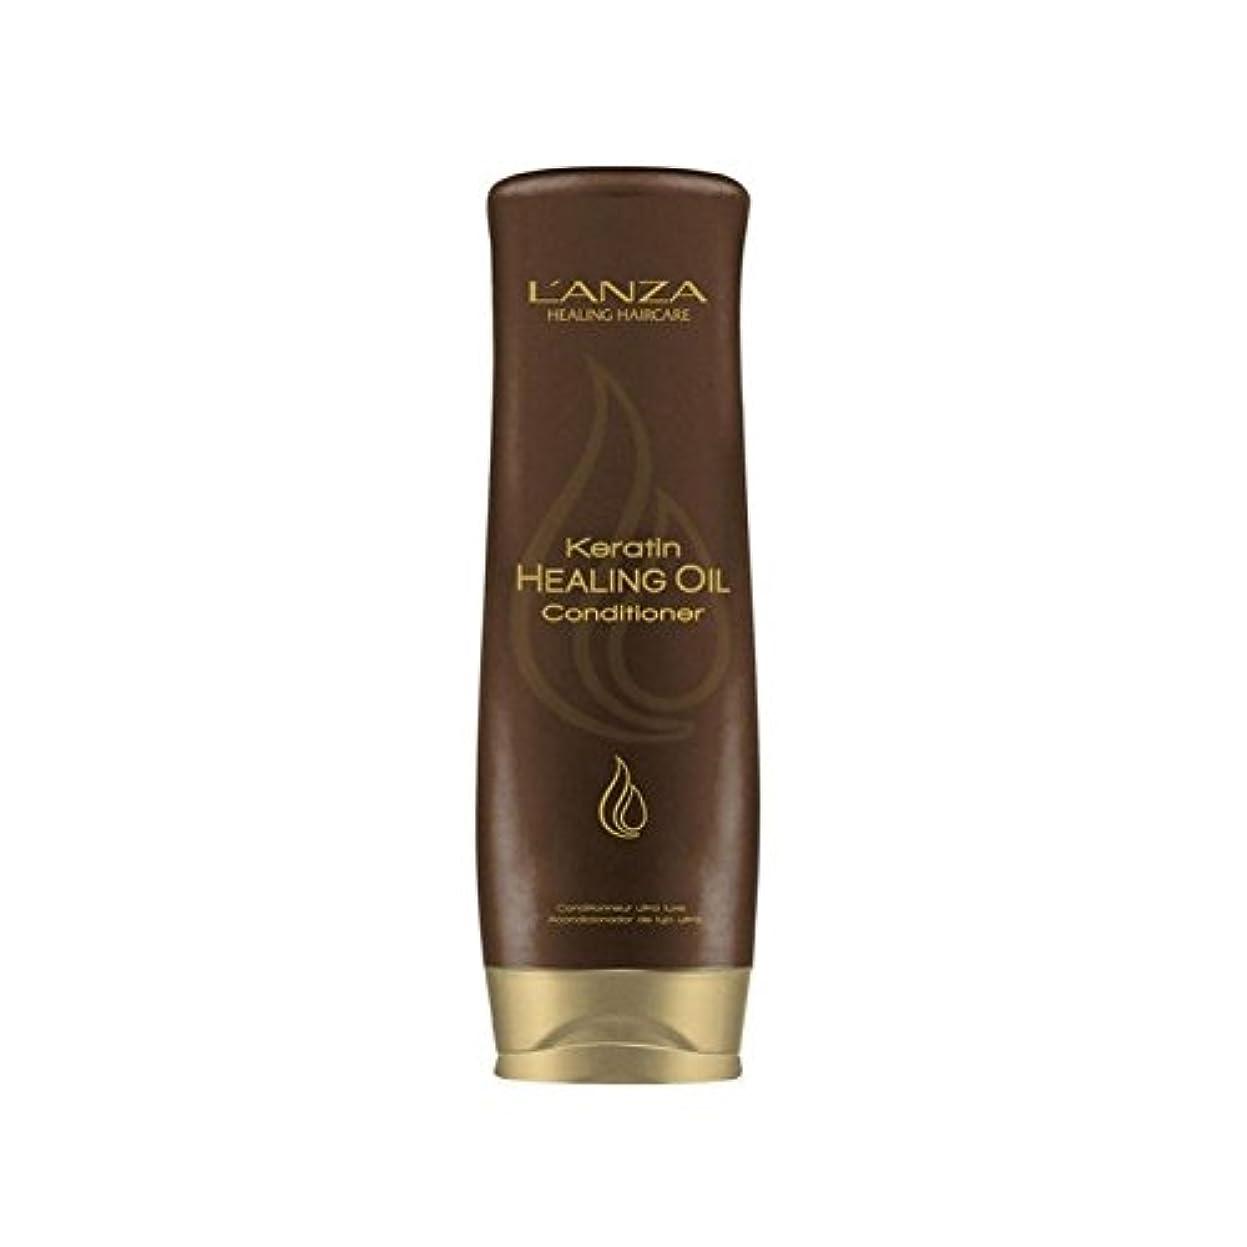 民主党極地土砂降りL'Anza Keratin Healing Oil Conditioner (250ml) - アンザケラチンオイルコンディショナー(250ミリリットル)を癒し [並行輸入品]